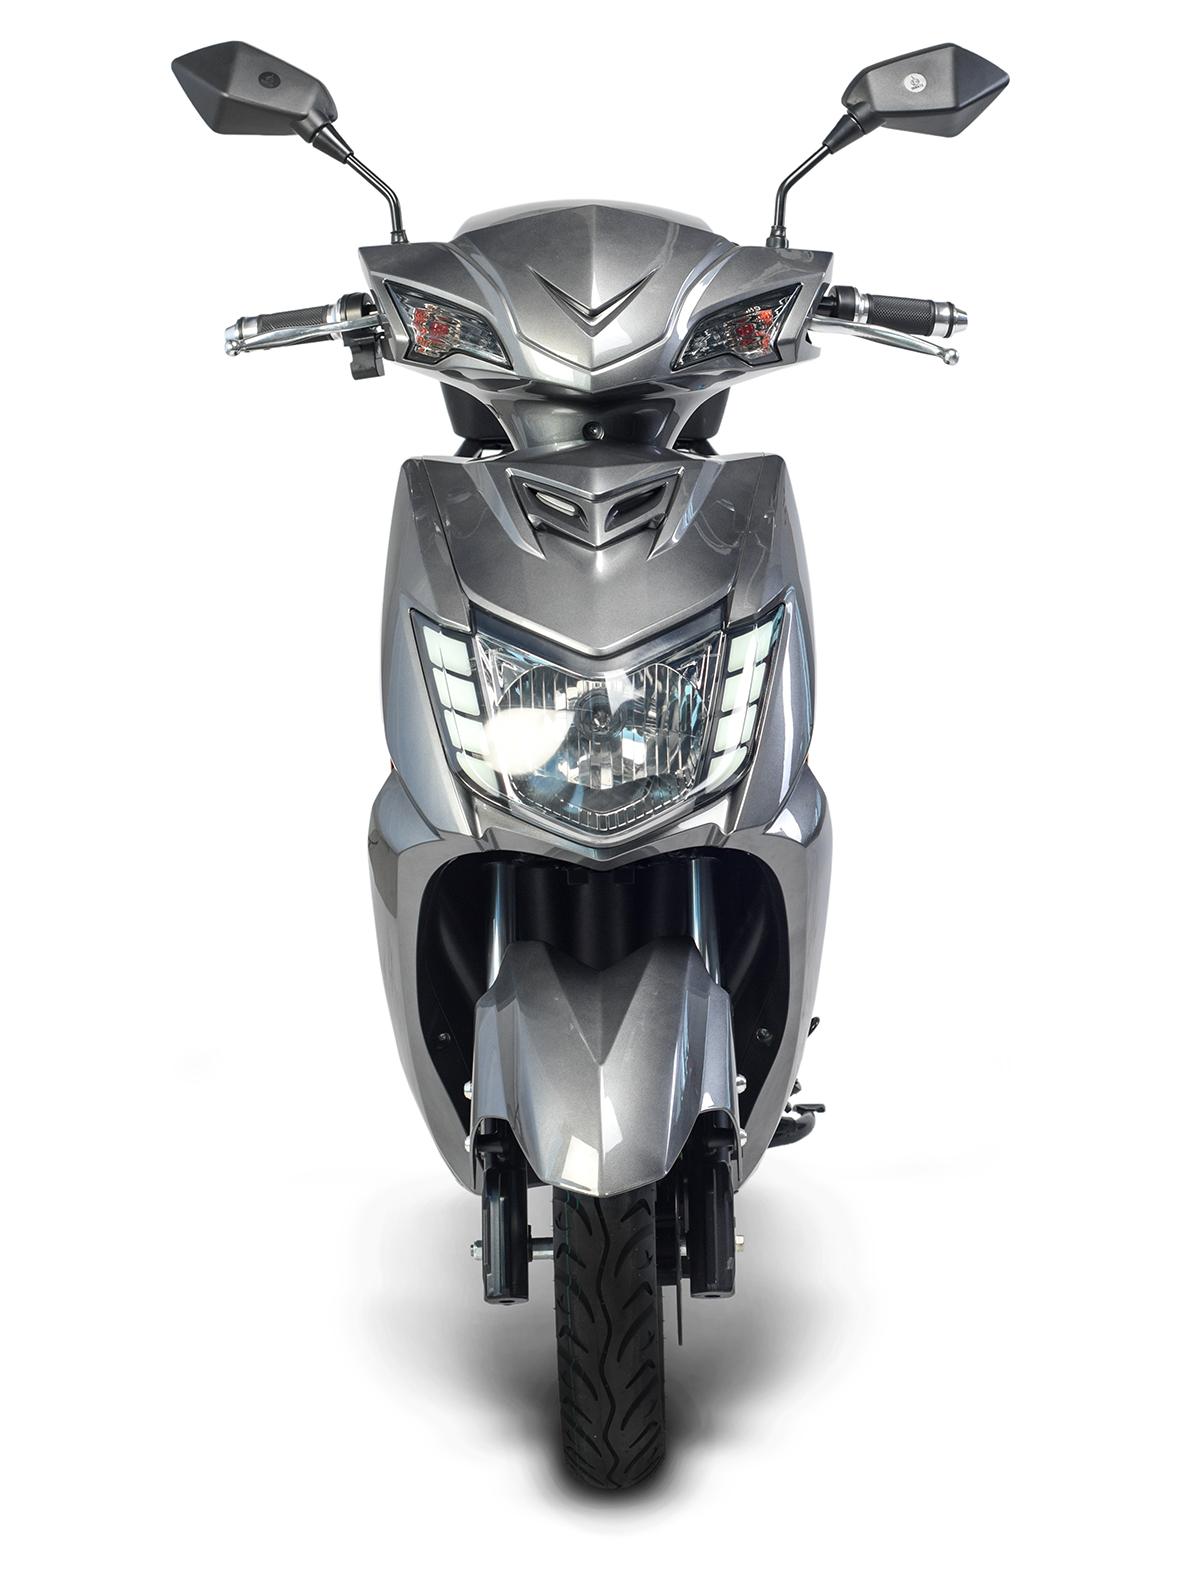 Elektroroller, E- Roller, Motorroller Siegurd1 grau 2000, 45km/h Bild 6